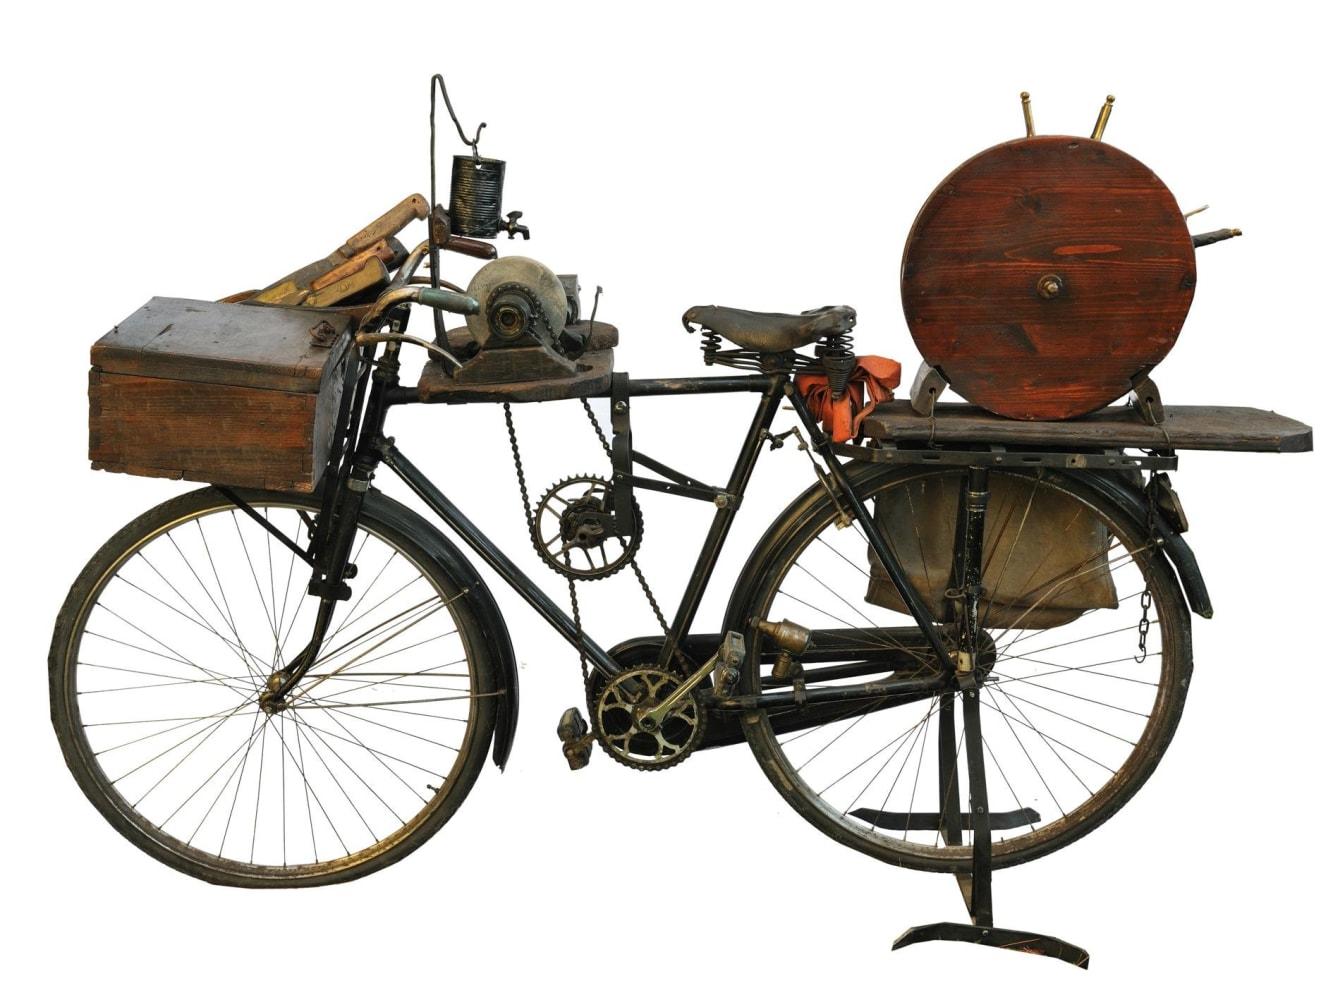 Risultato immagini per affilacoltelli sulla bicicletta